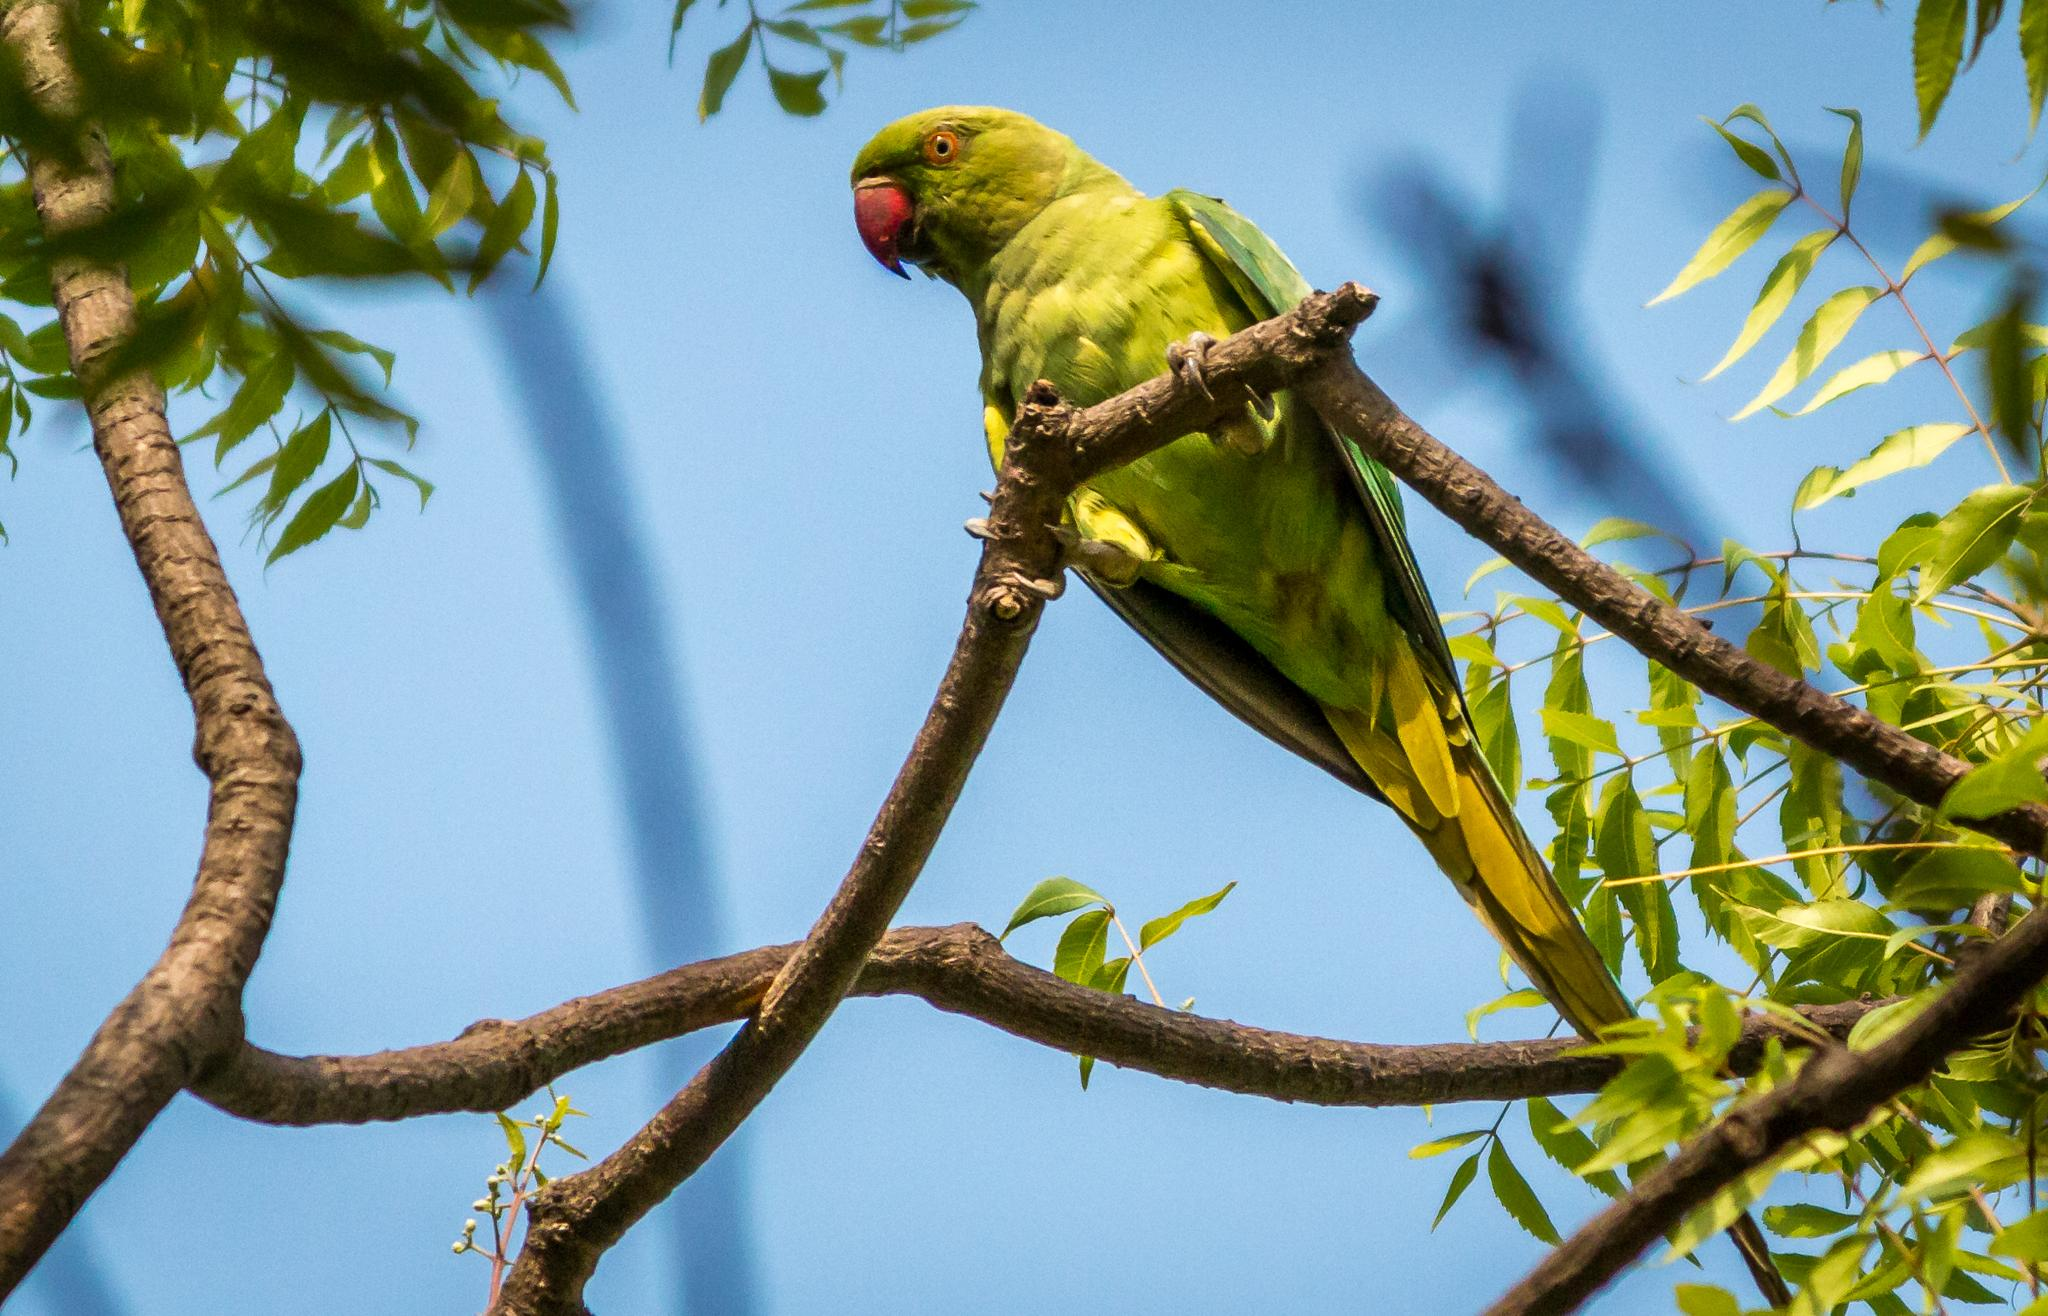 Parrot Bird by Atul Chauhan